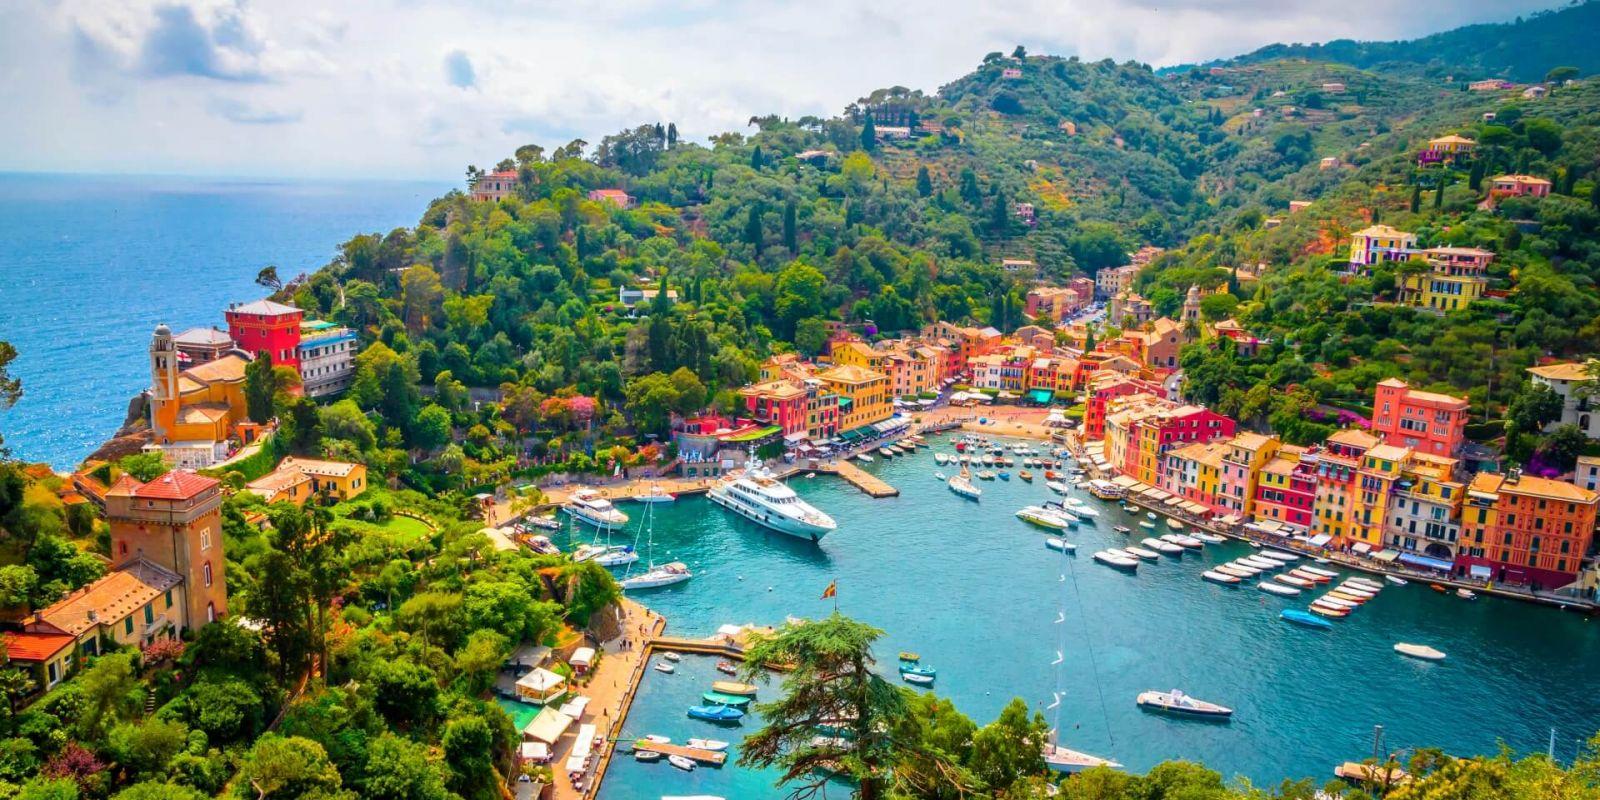 https://www.talamare.com/medias/The Portofino marina and its yachts on the Italian Riviera